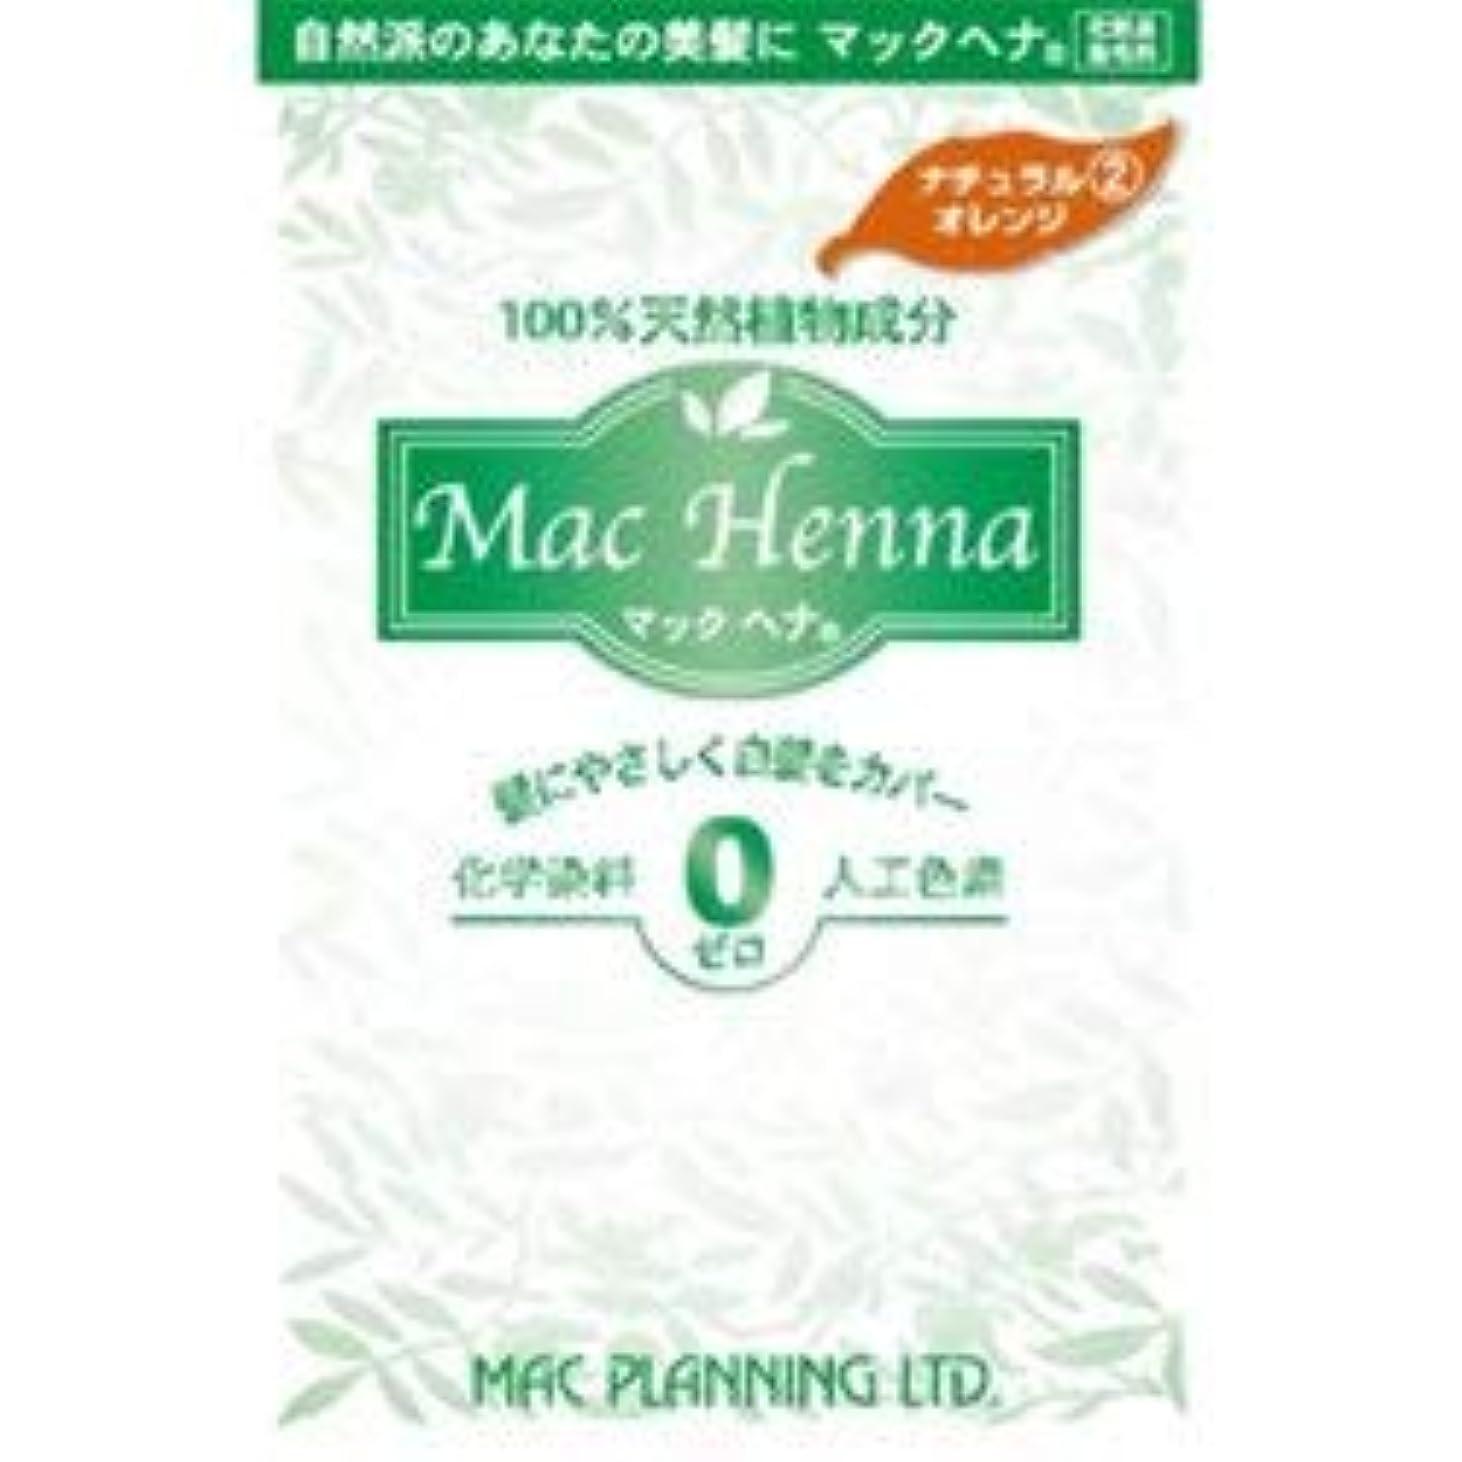 注入描写マニフェスト【マックプランニング】マック ヘナハーバルヘアートリートメント NOR (100g) ×20個セット